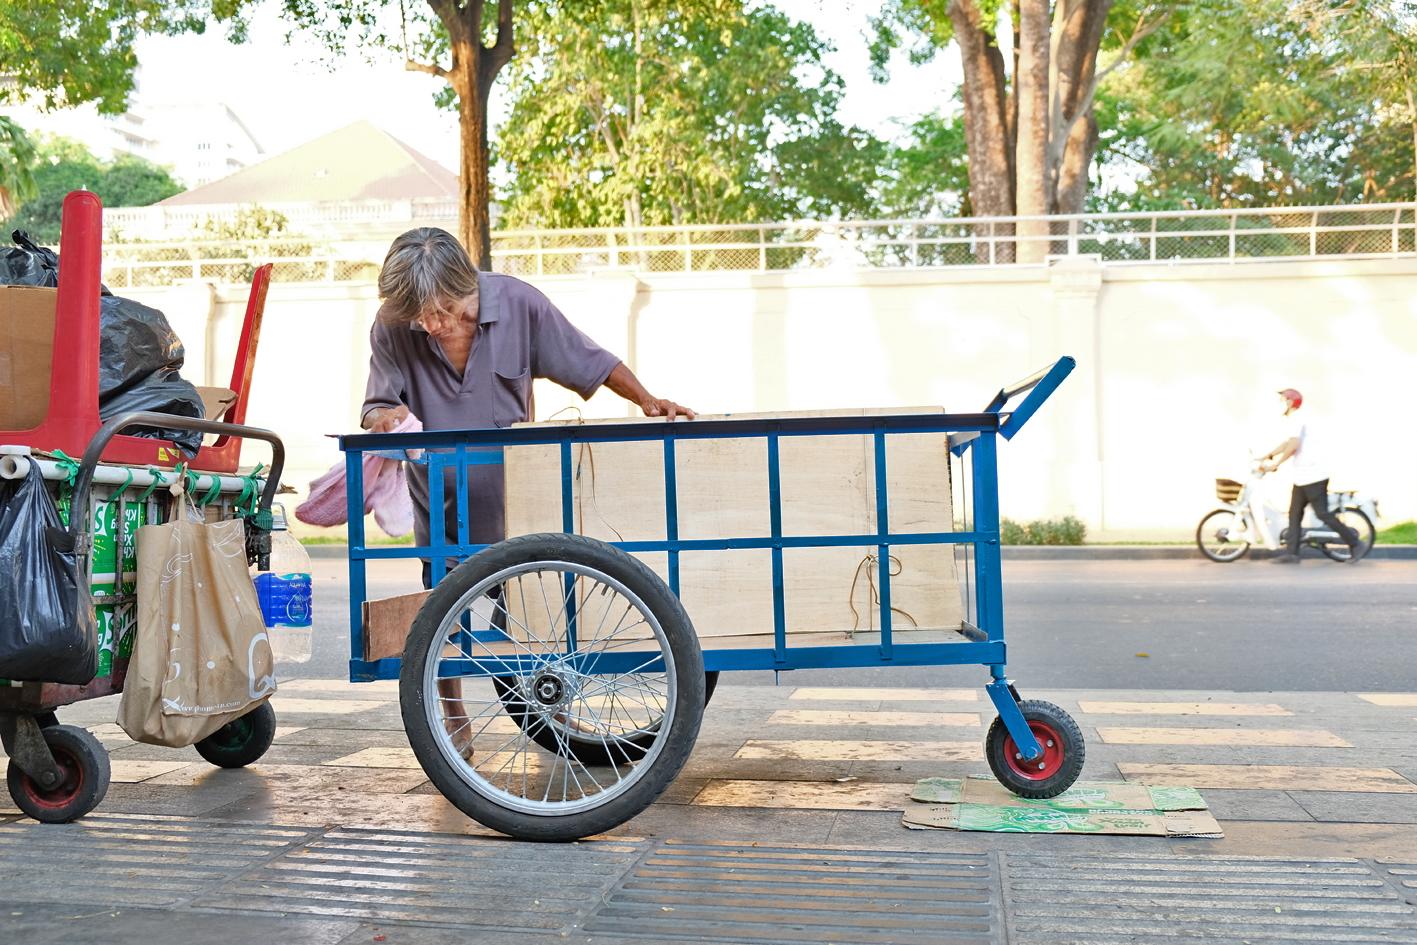 Chiếc xe đẩy mà bà Dương Thị Chót (ở H.Hóc Môn) biếu ông Hùng vô gia cư - nhân vật trong vệt bài COVID-19 và những khoảng trống vỉa hè mà Báo Phụ nữ TP.HCM đăng tải vừa qua